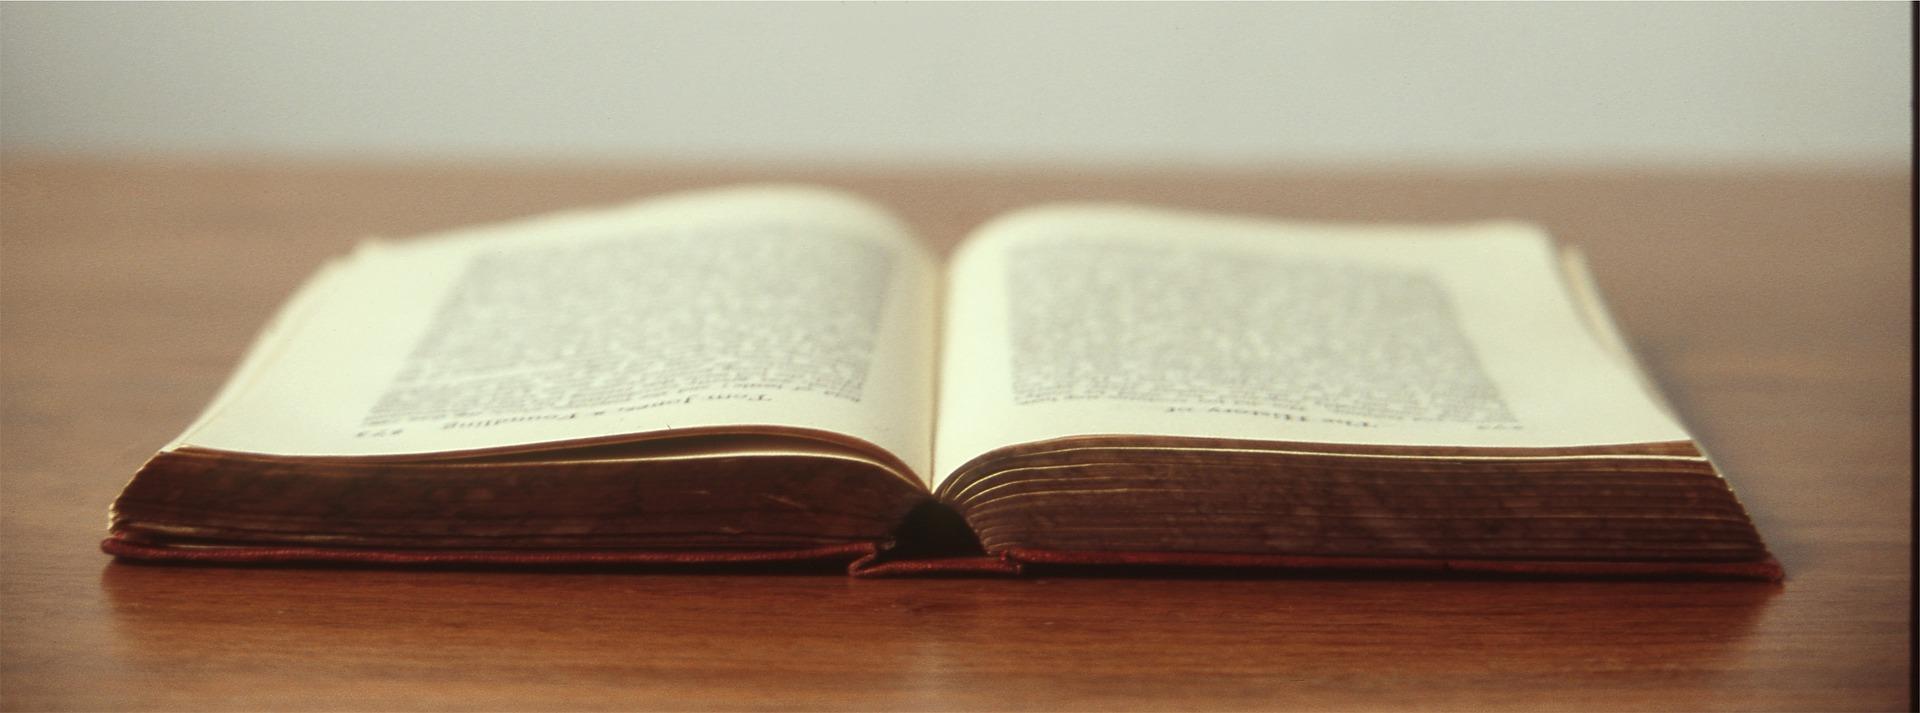 Dieses Buch solltet ihr unbedingt lesen!